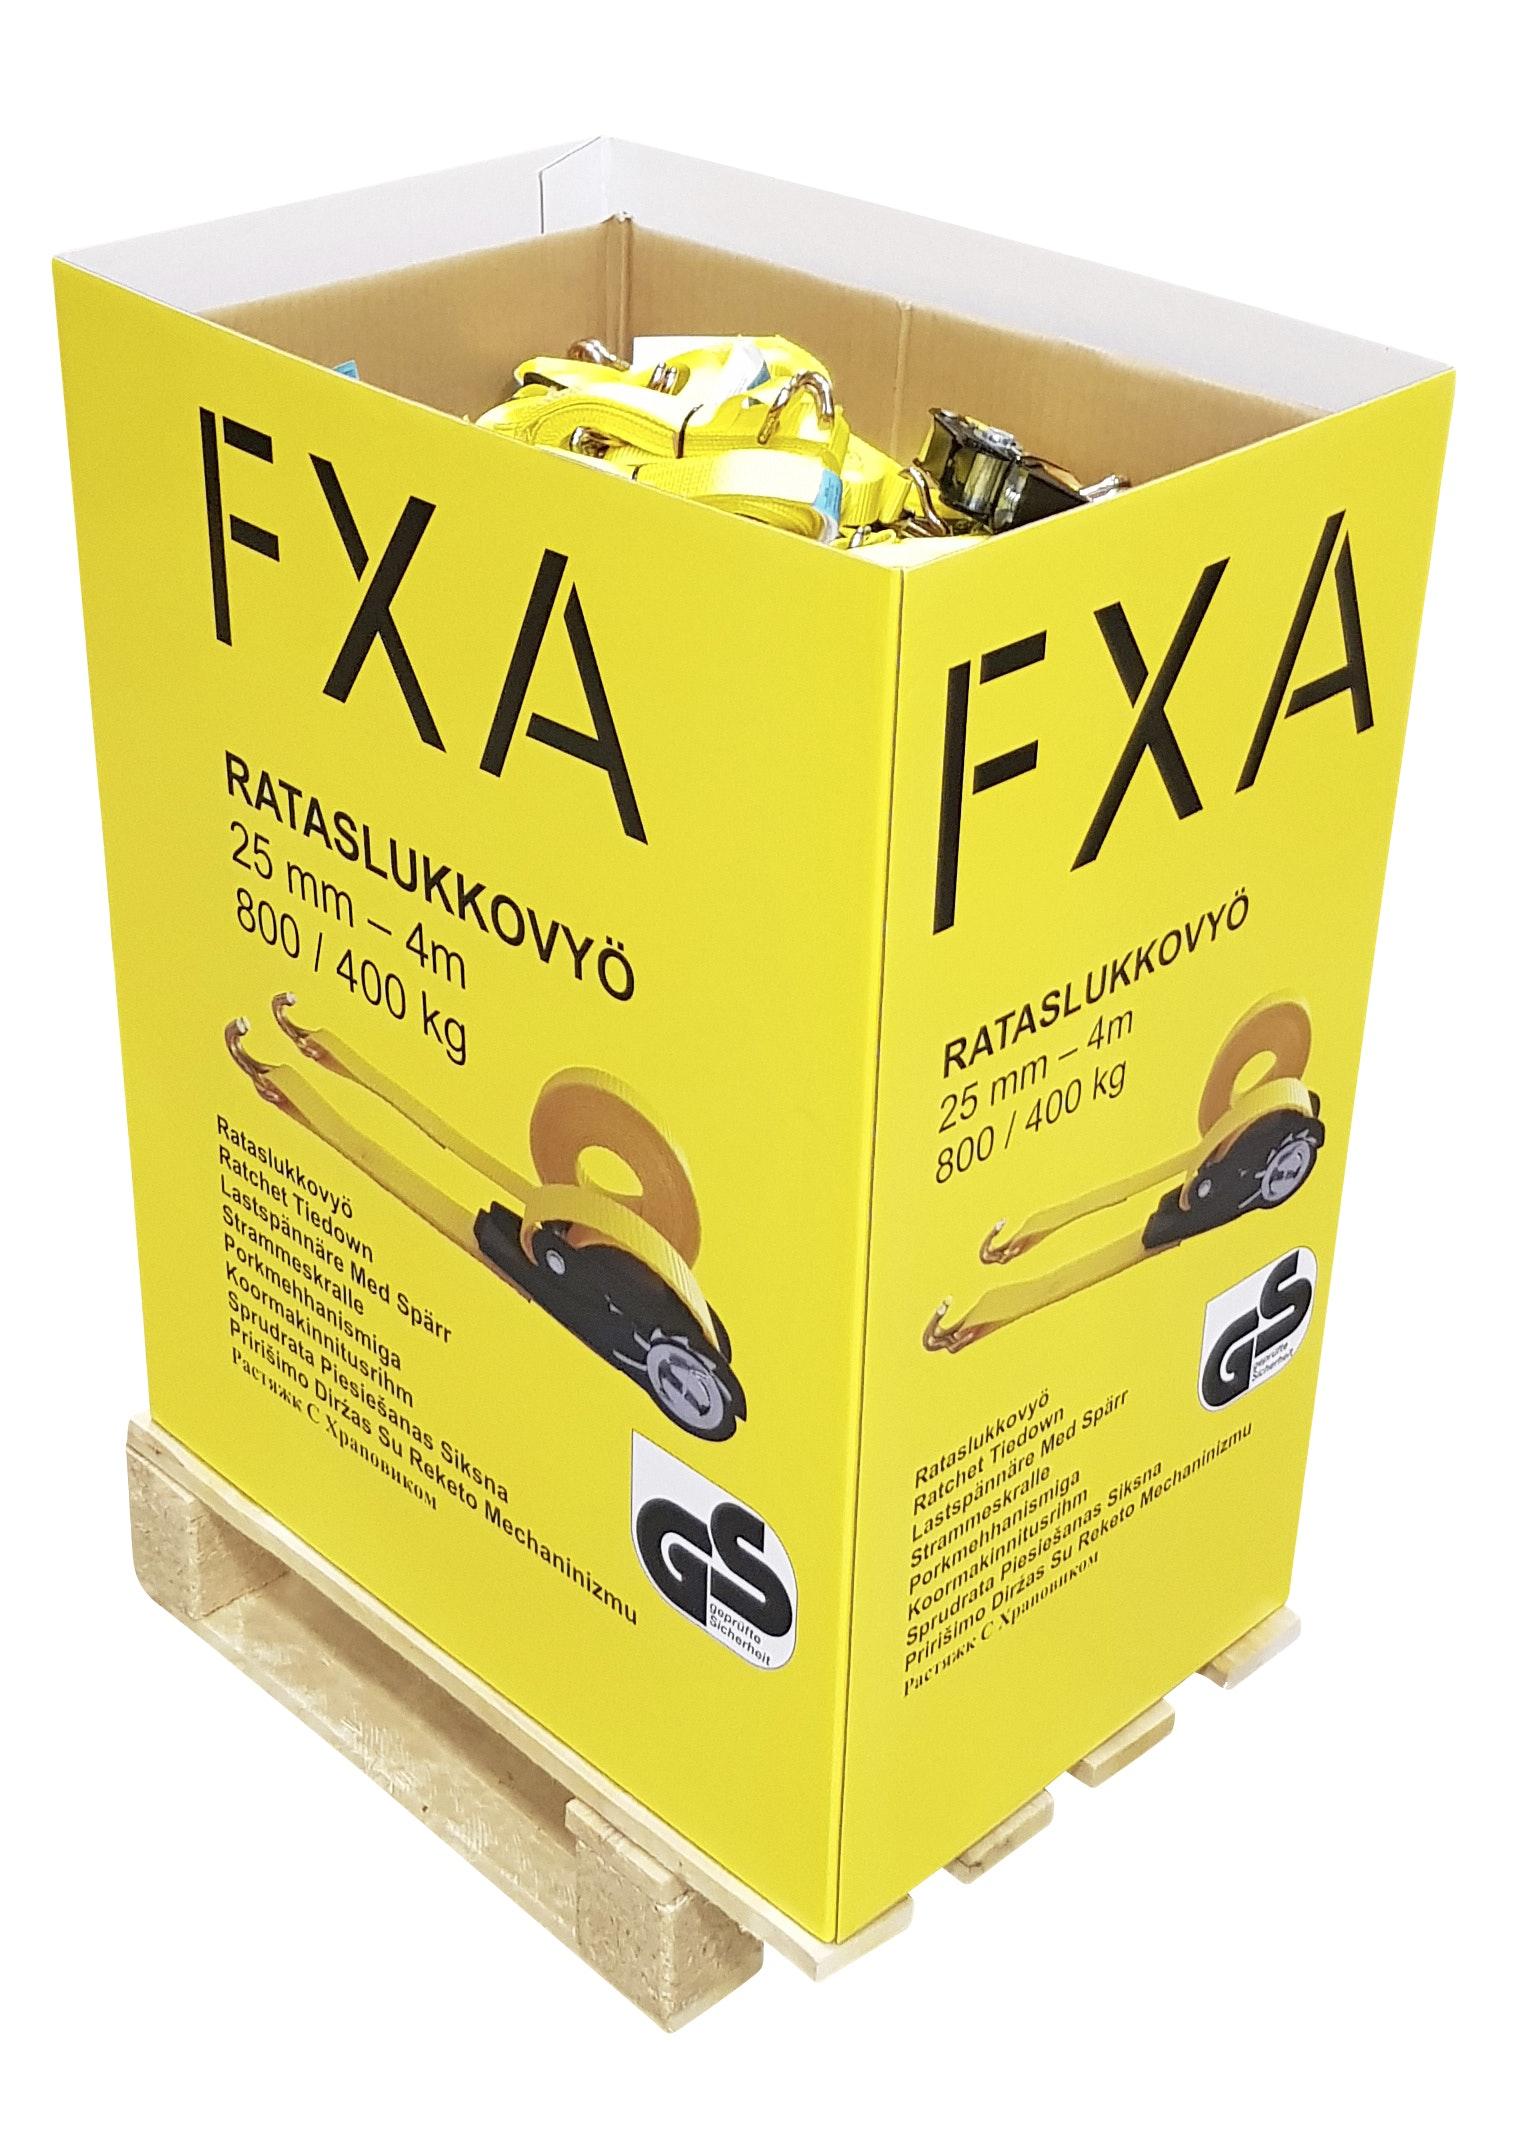 Spännband FXA Med Lastspännare 25mm 4m